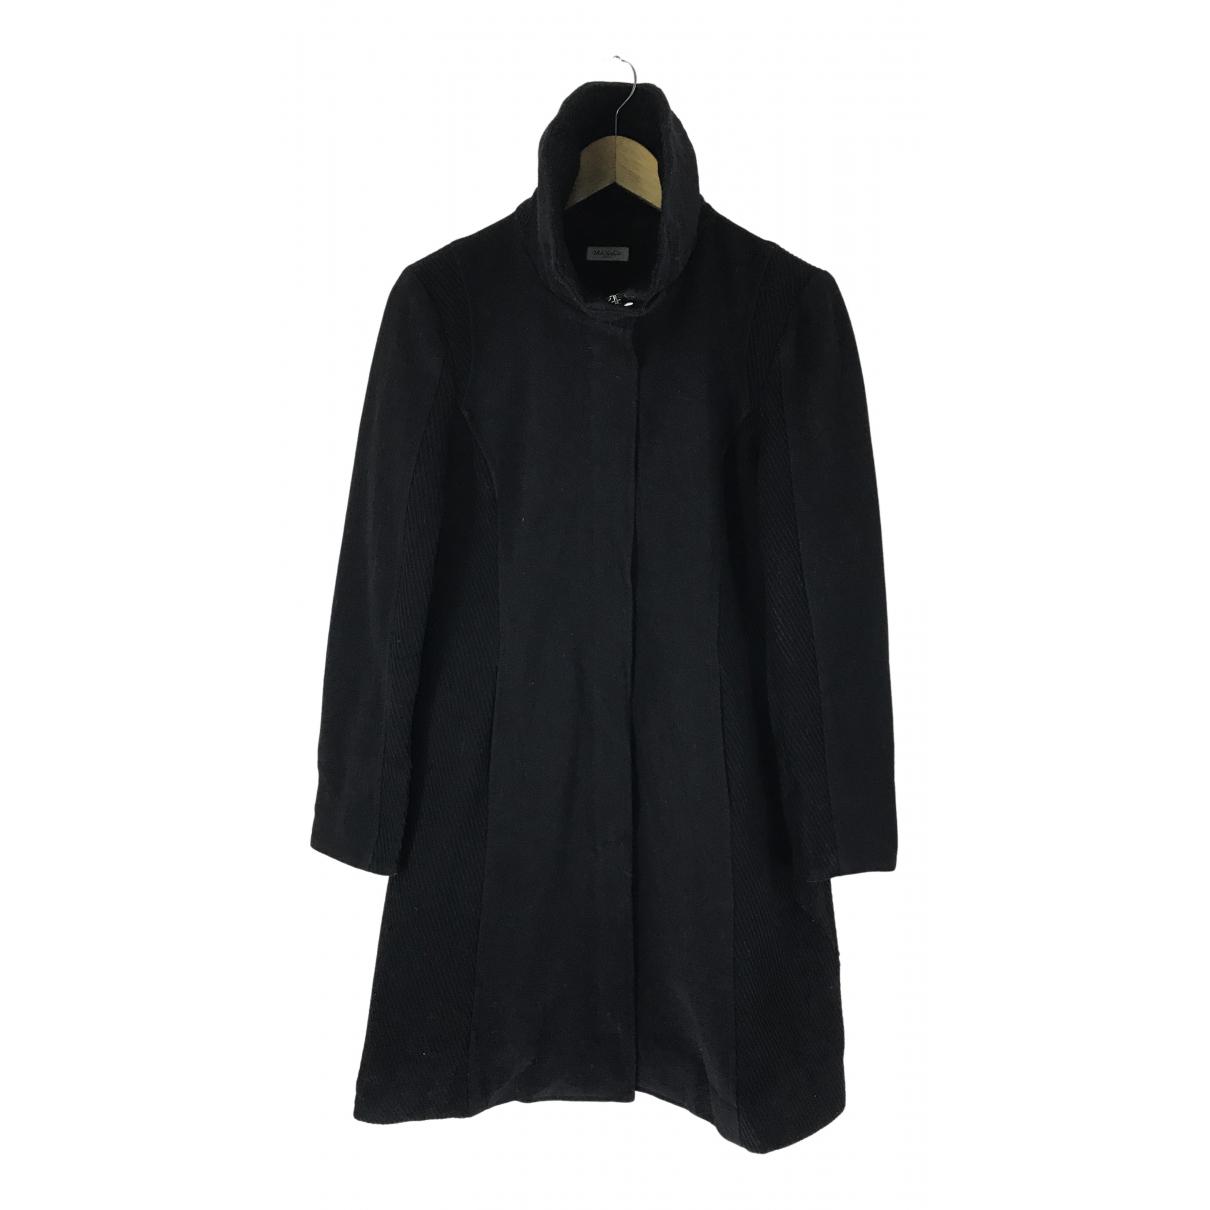 Max & Co \N Black Wool coat for Women 42 IT